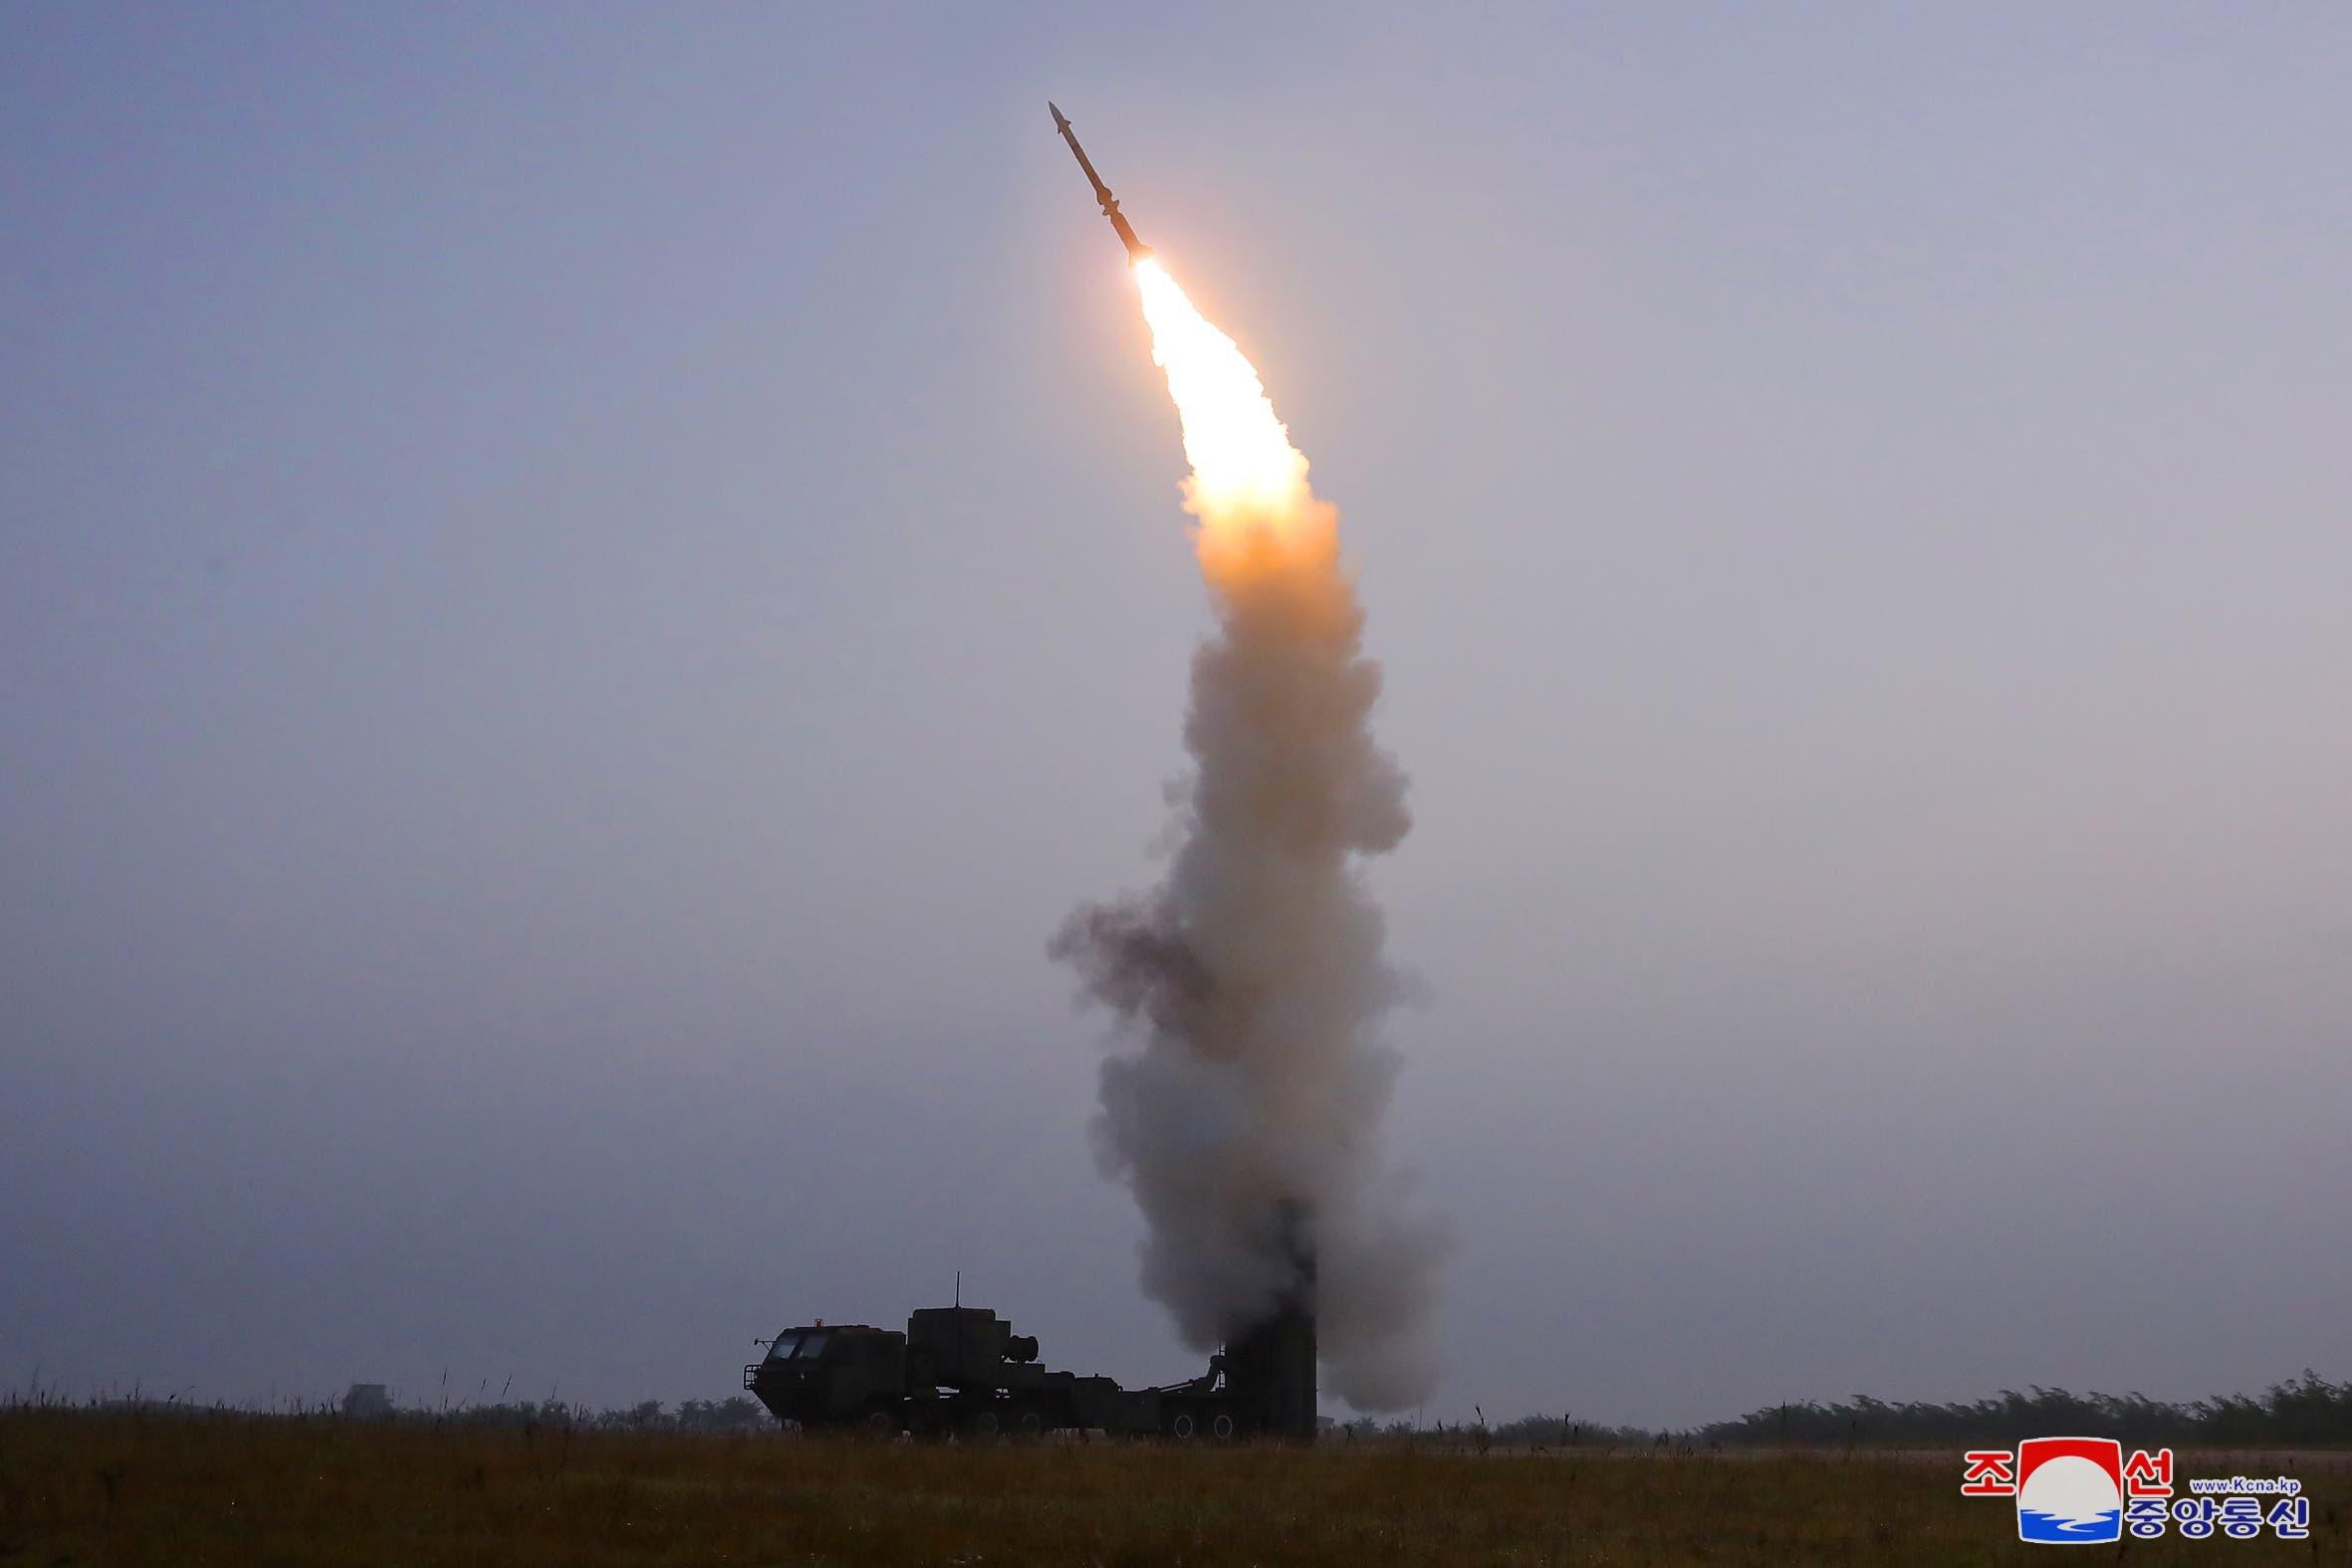 إطلاق بيونغ يانغ يوم 30 سبتمبر لصاروخ مضاد للطائرات